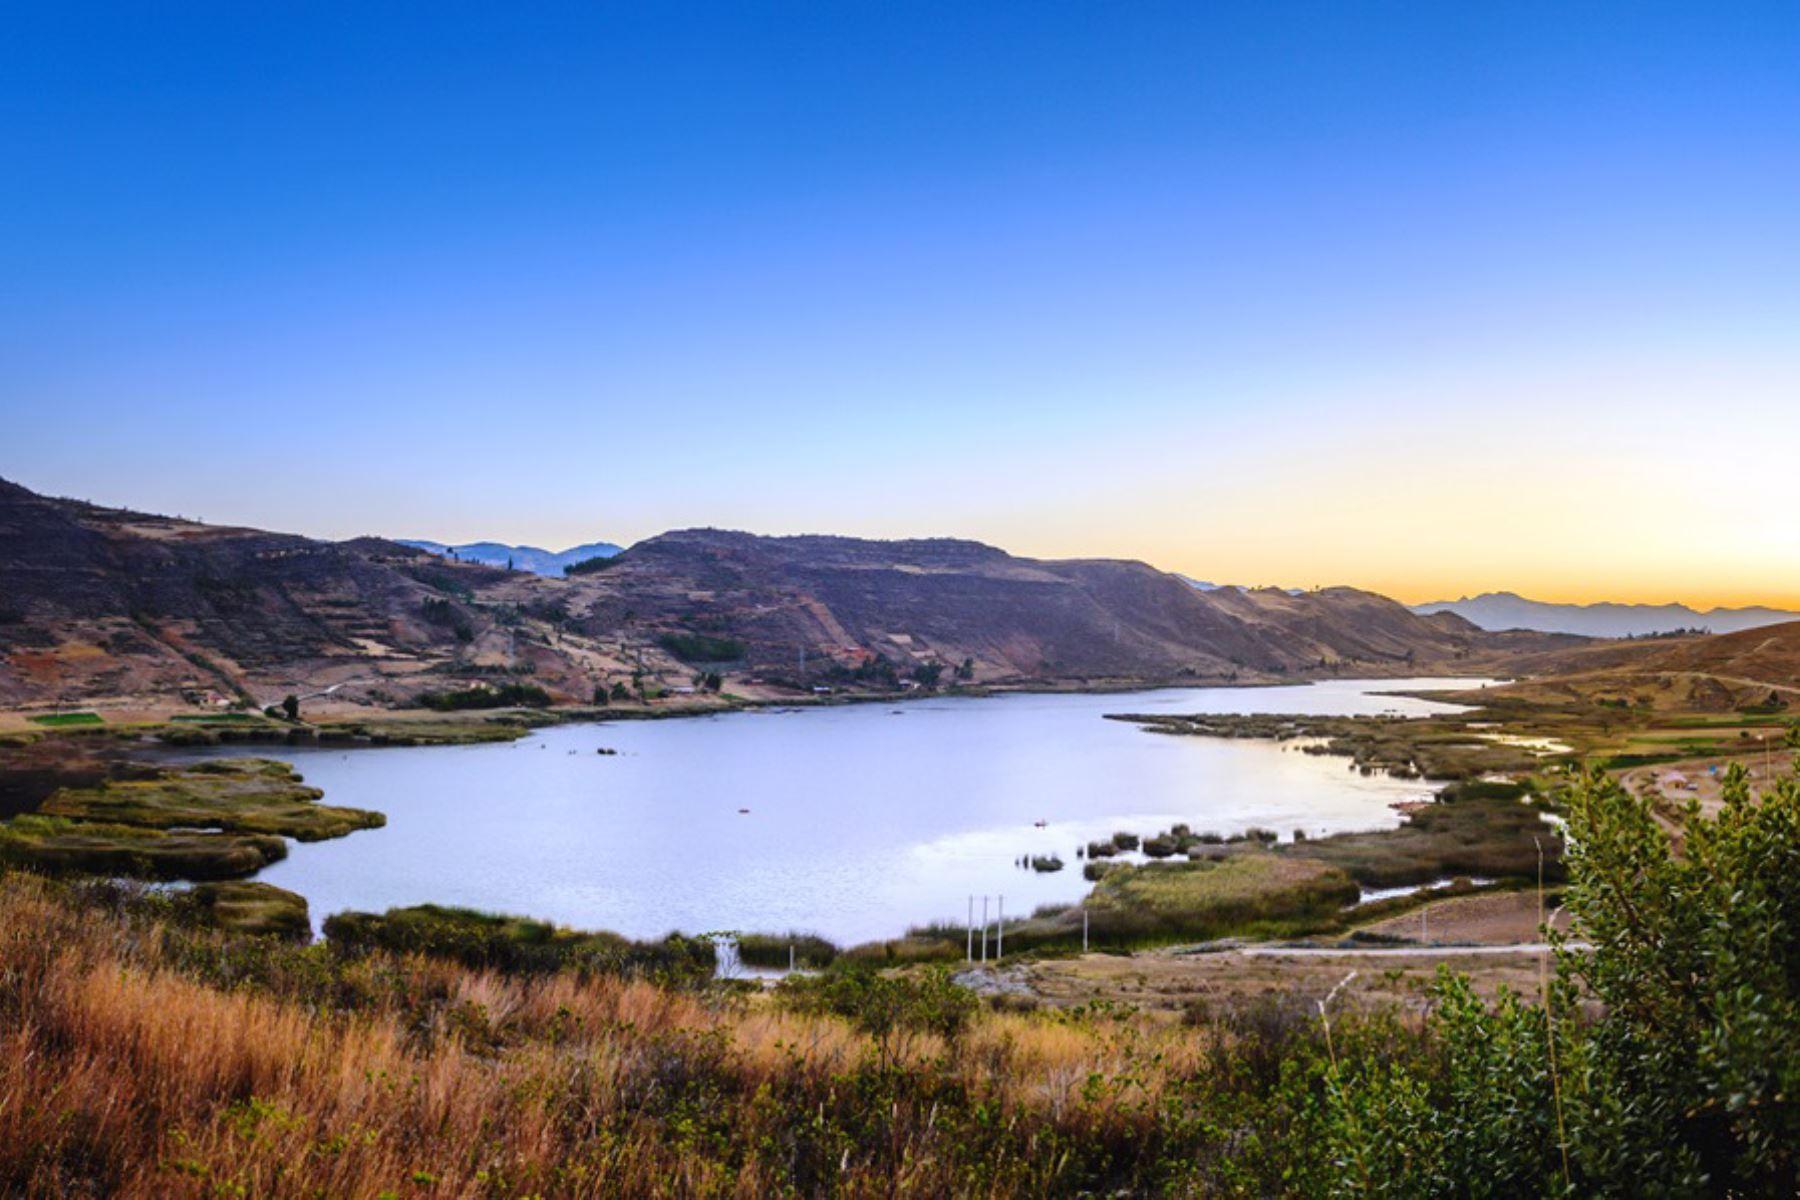 La laguna San Nicolás está ubicada a 30 kilómetros de la ciudad de Cajamarca, a 50 minutos en vehículo con una vía asfaltada hasta el distrito de Namora y de allí un tramo de 7 kilómetros sin asfaltar.